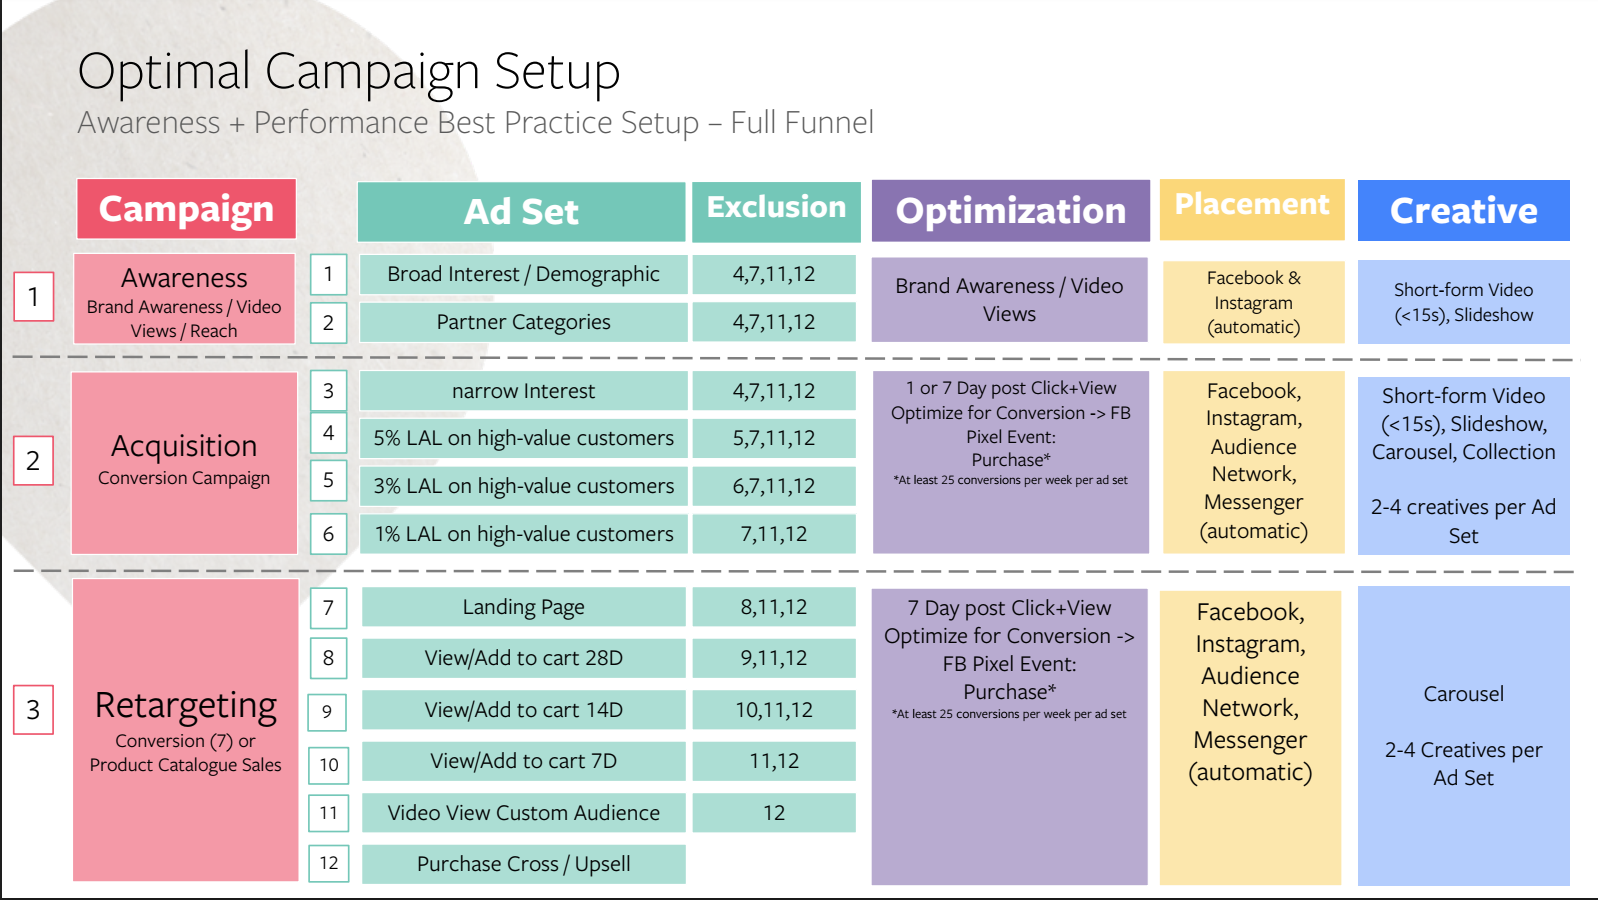 optimal-campaign-setup-fb_29-5-2018.png